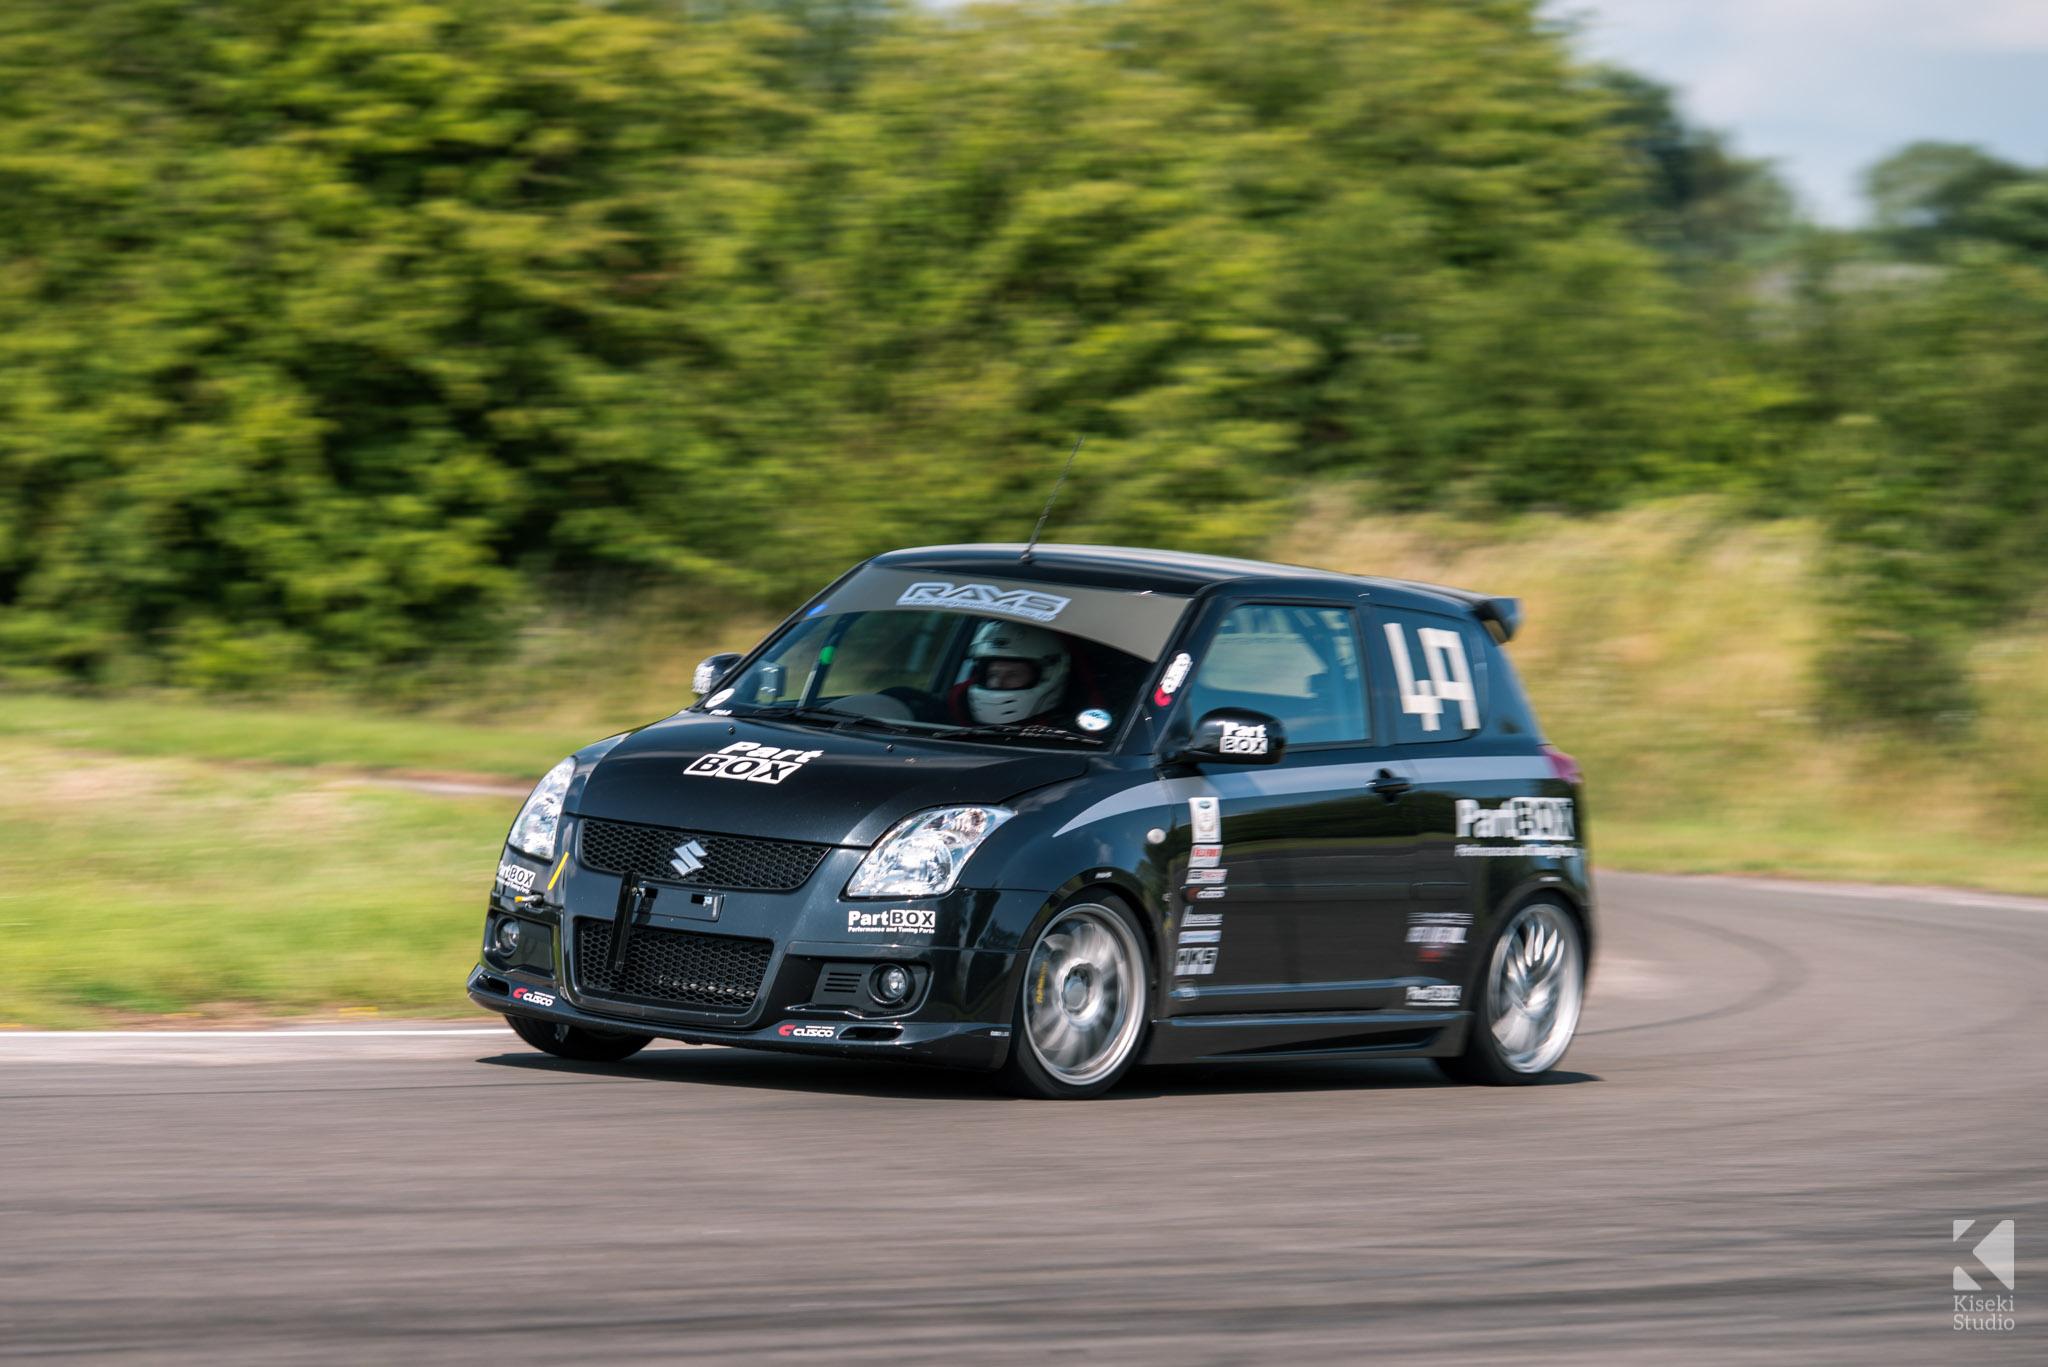 Suzuki Swift Sport Curborough Sprint Course